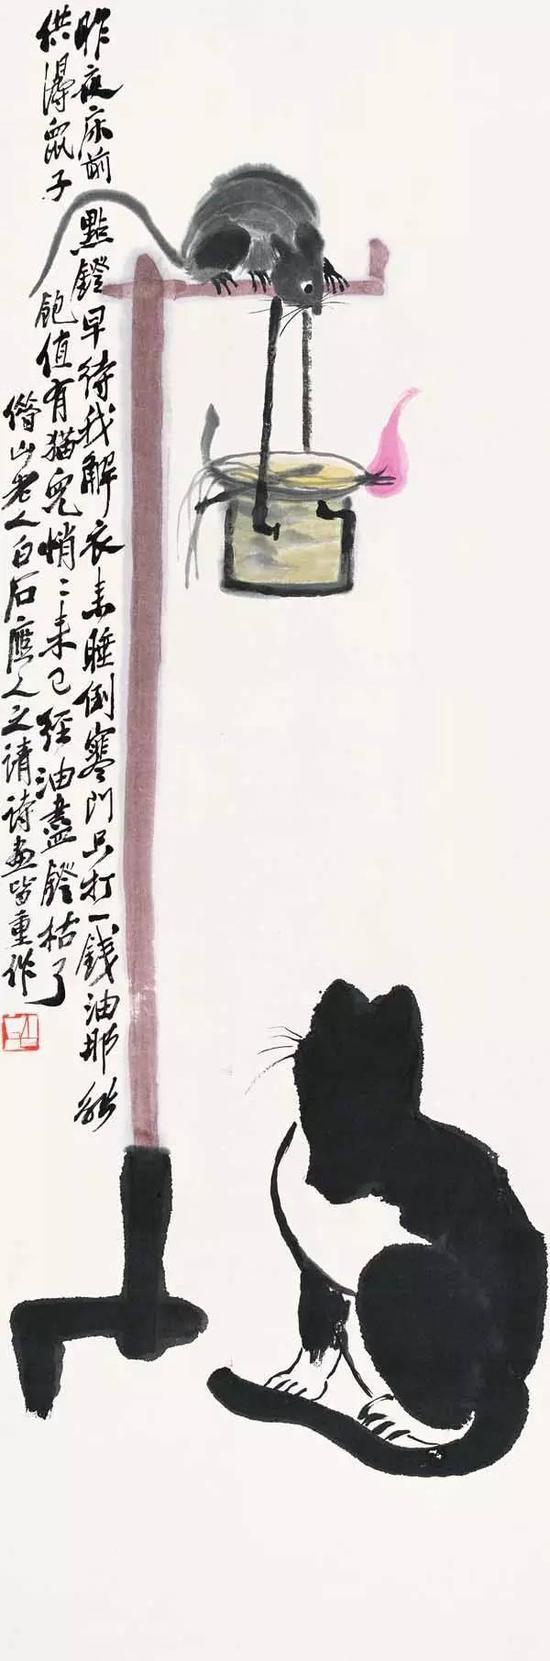 油灯猫鼠图